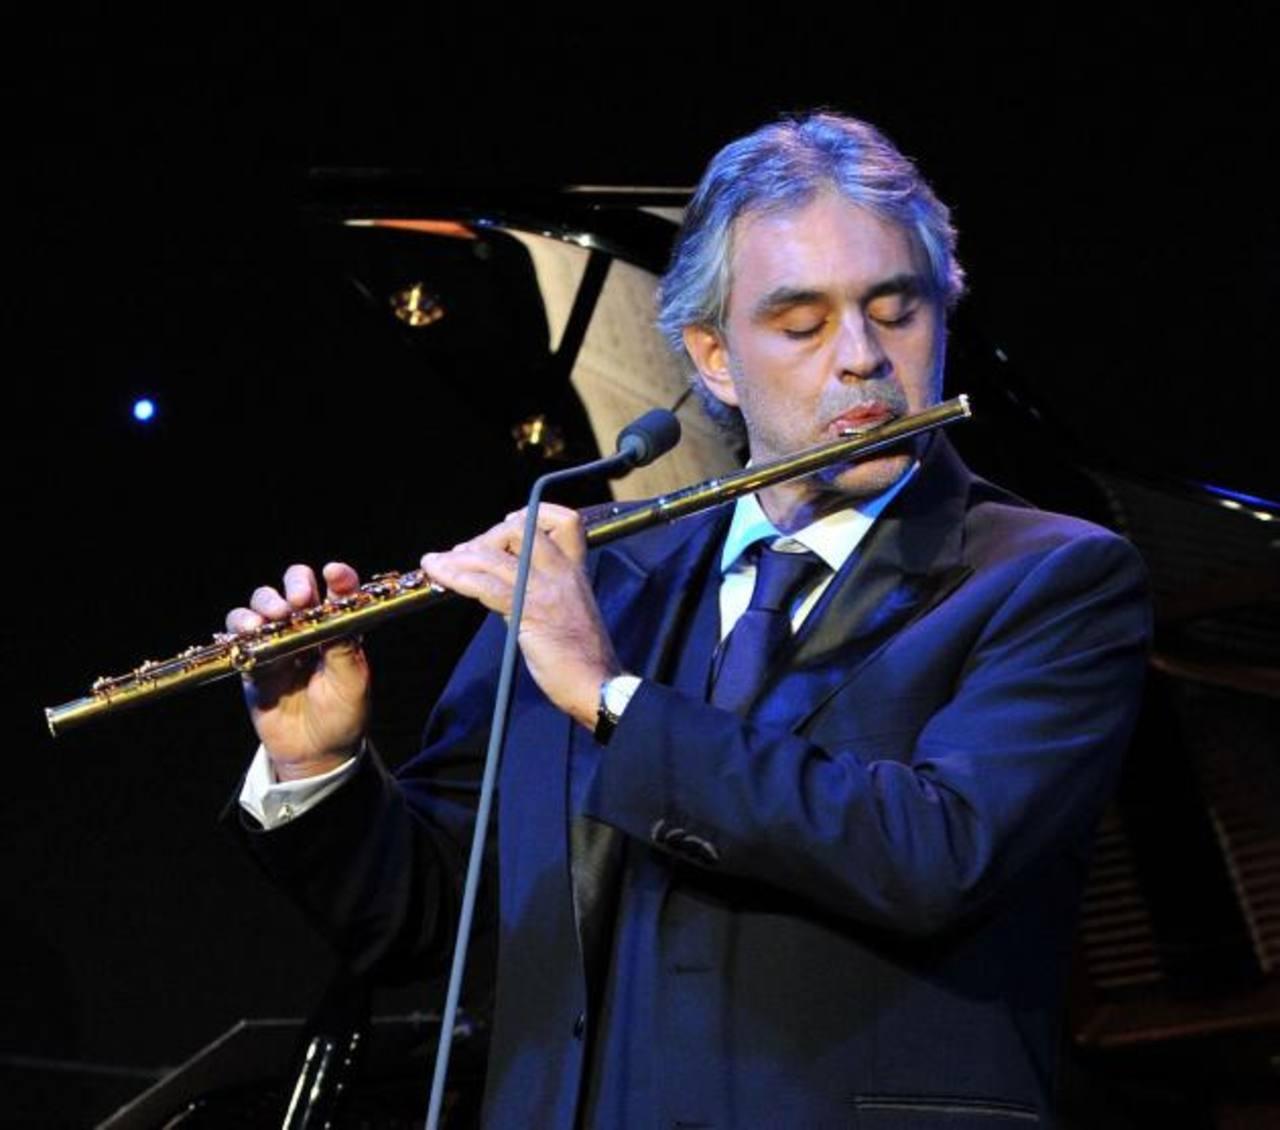 Andrea Bocelli hará su debut en los cines más selectos a nivel mundial con un concierto íntimo y único, solo en Cinépolis.